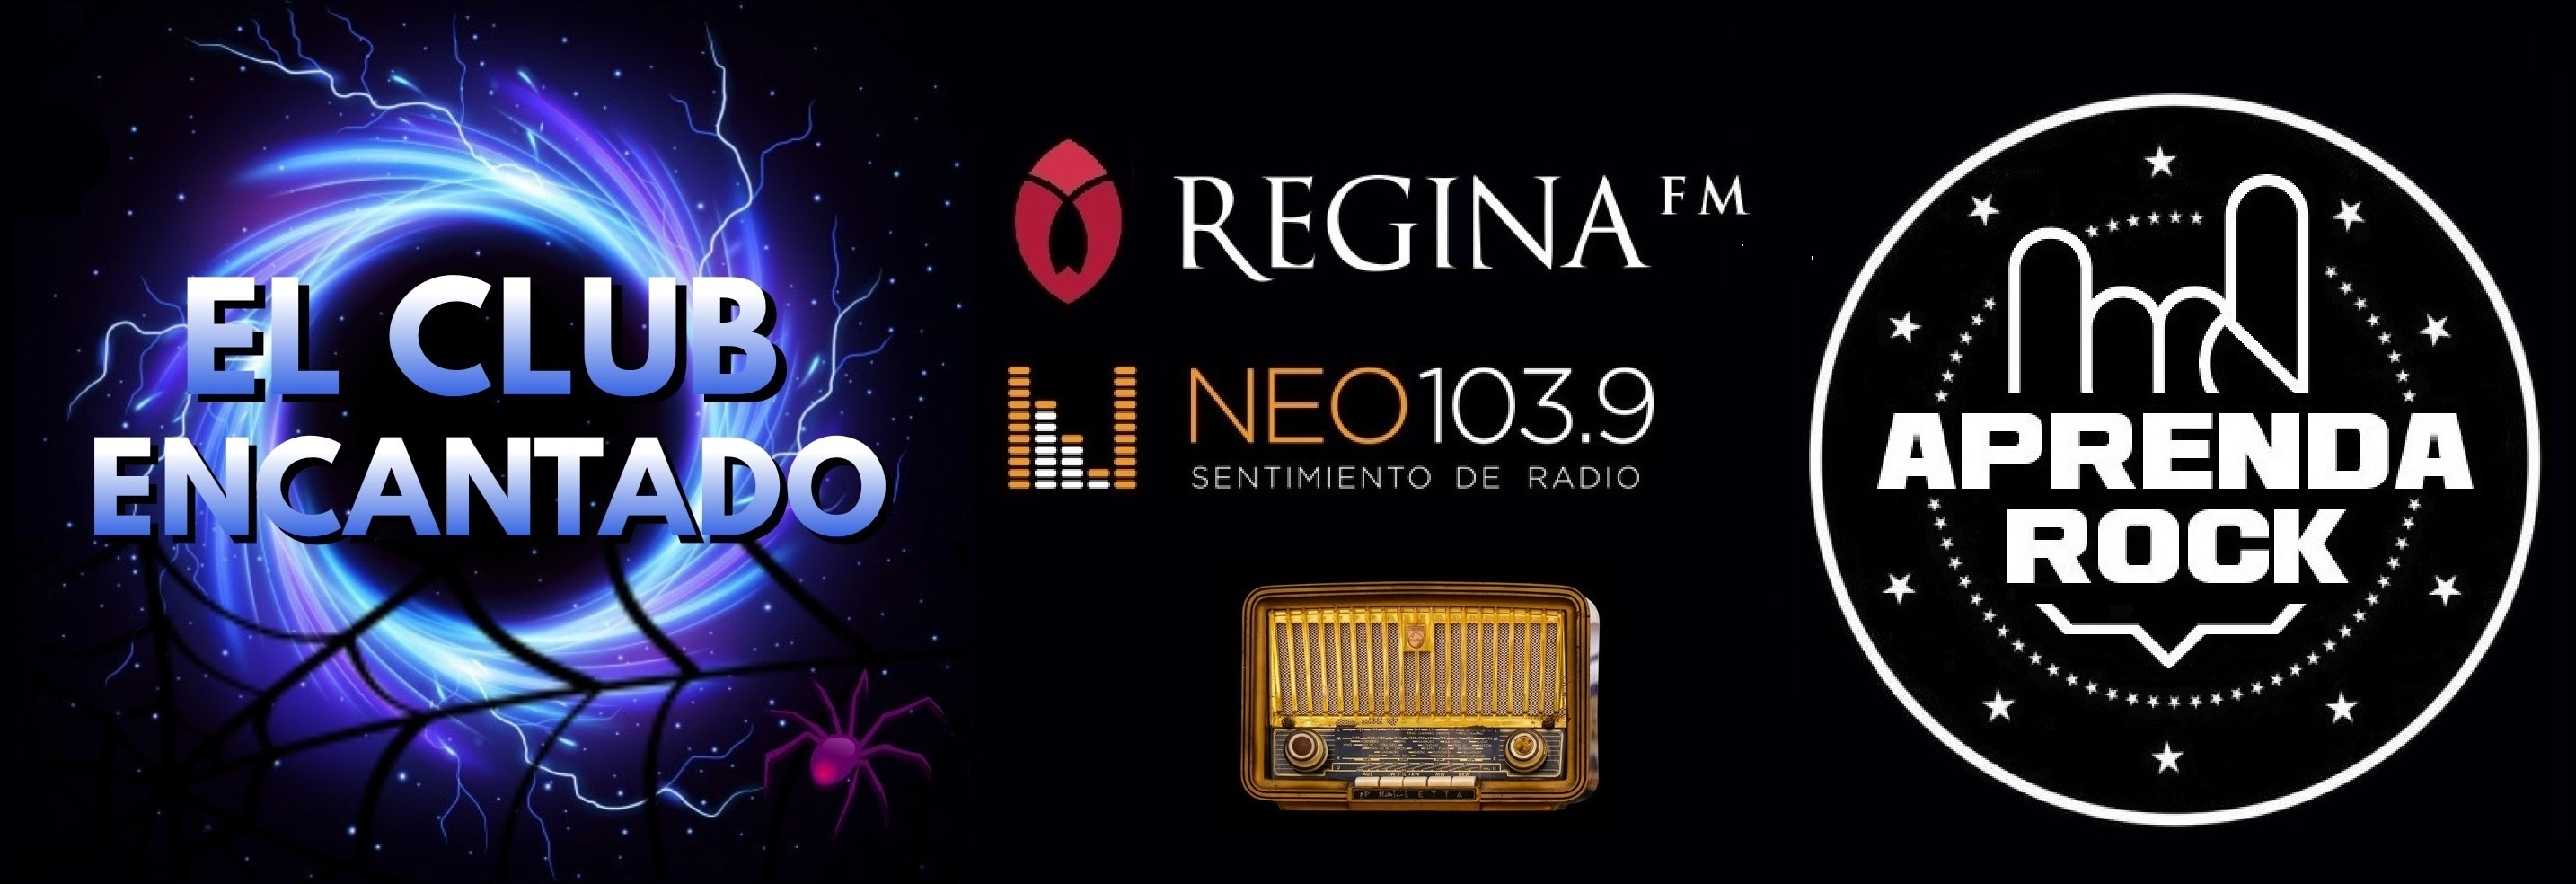 Ernesto Fucile en REGINA FM y en NEO 103.9 FM